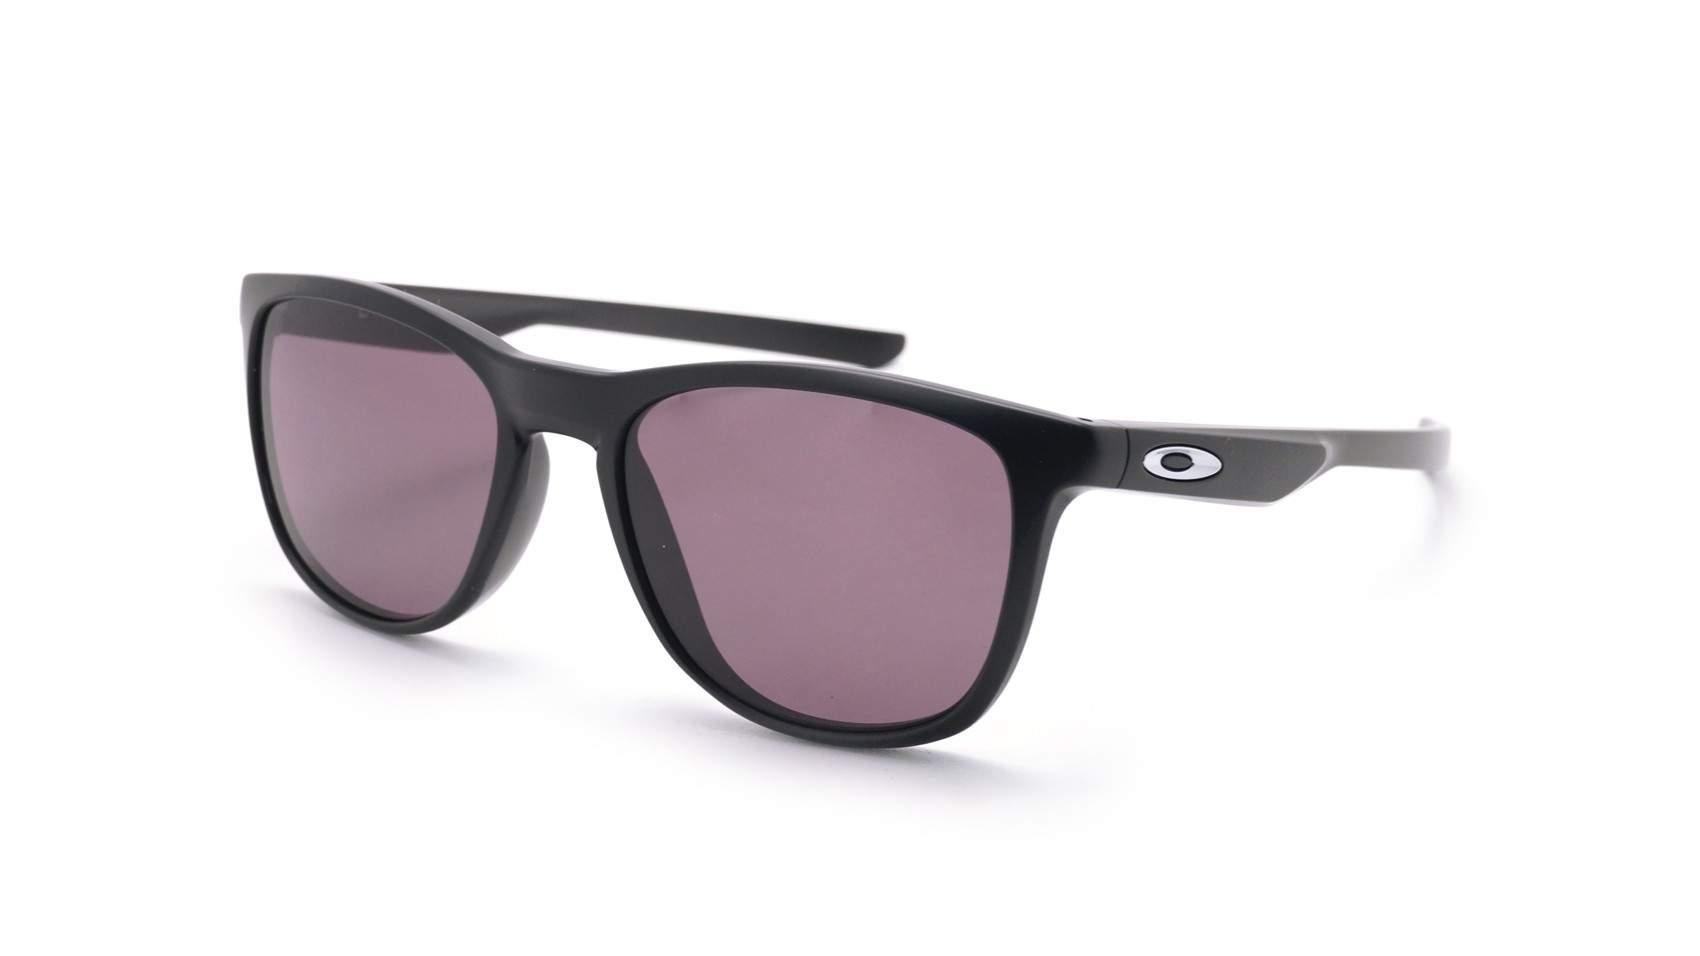 f11e3cb6a0 Sunglasses Oakley Trillbe x Black Matte Prizm OO9340 12 52-18 Medium